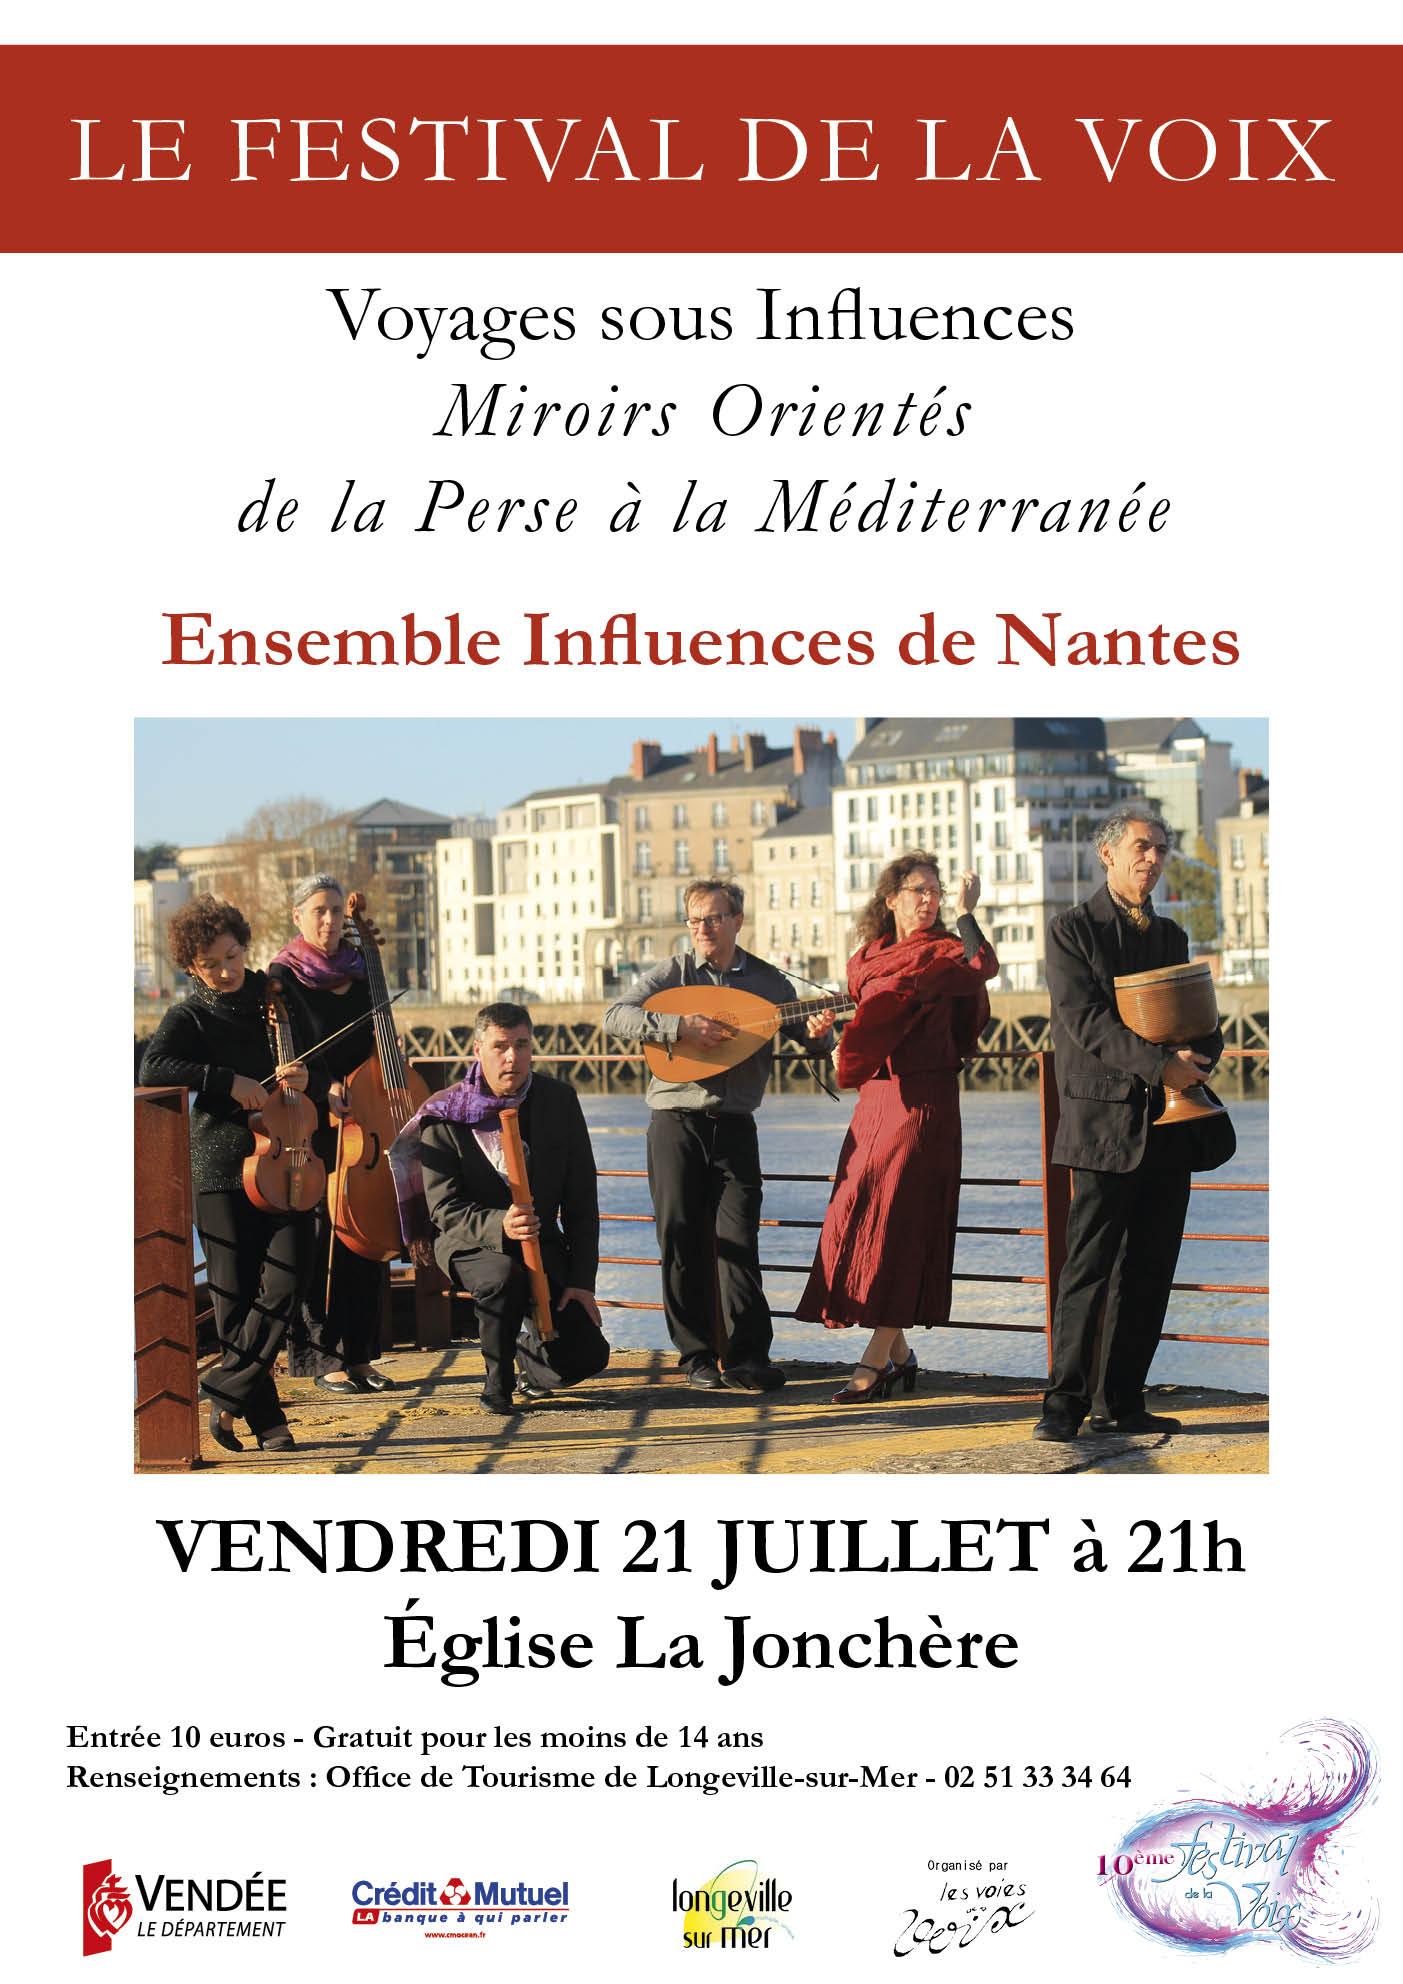 La Jonchère: Ensemble « Influences » de Nantes vendredi 21 juillet à 21h00